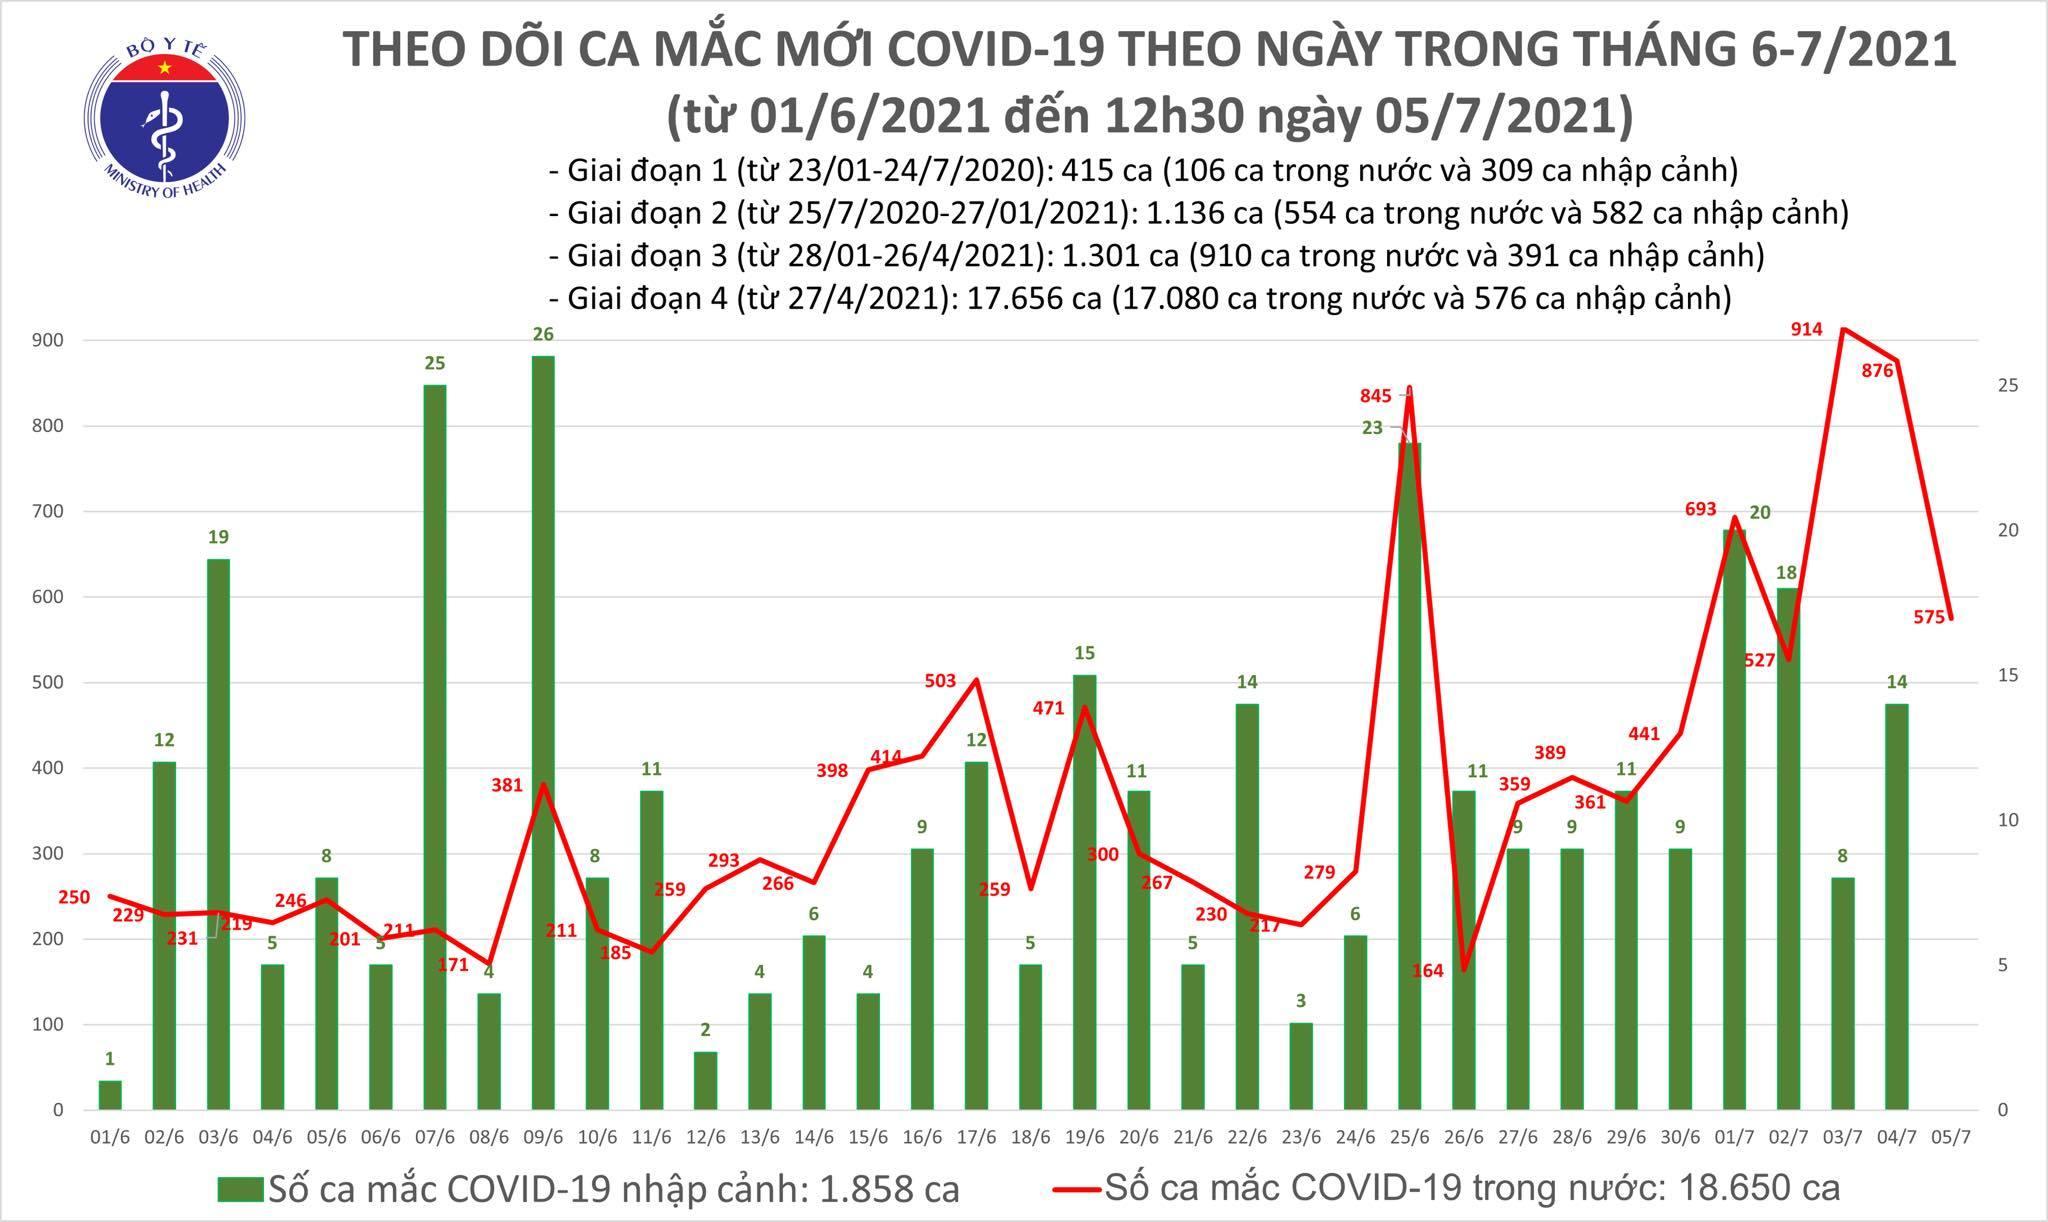 Trưa 5/7 thêm 247 ca Covid-19, TP.HCM chiếm 196 bệnh nhân